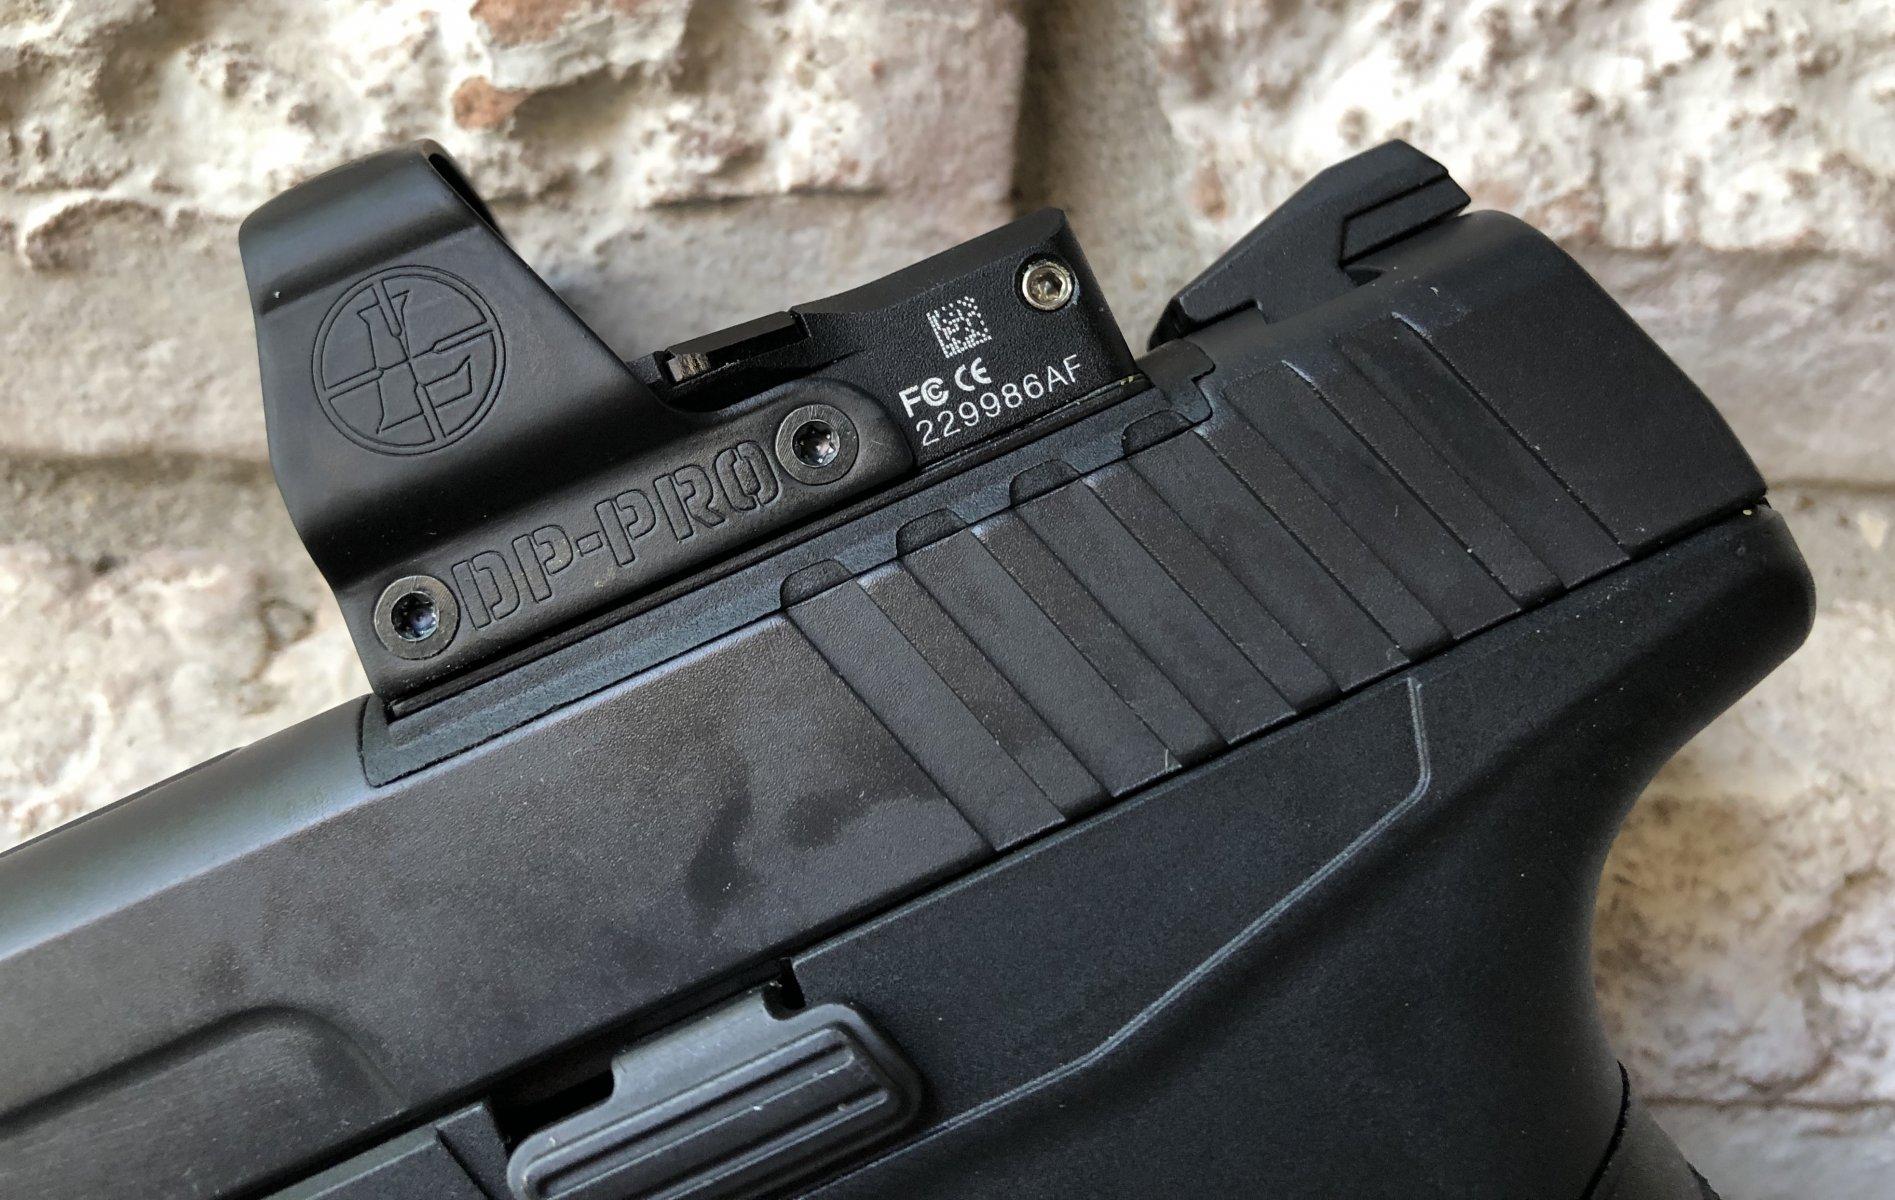 335A7508-A41D-4597-A0D7-F82CF9995431.jpeg